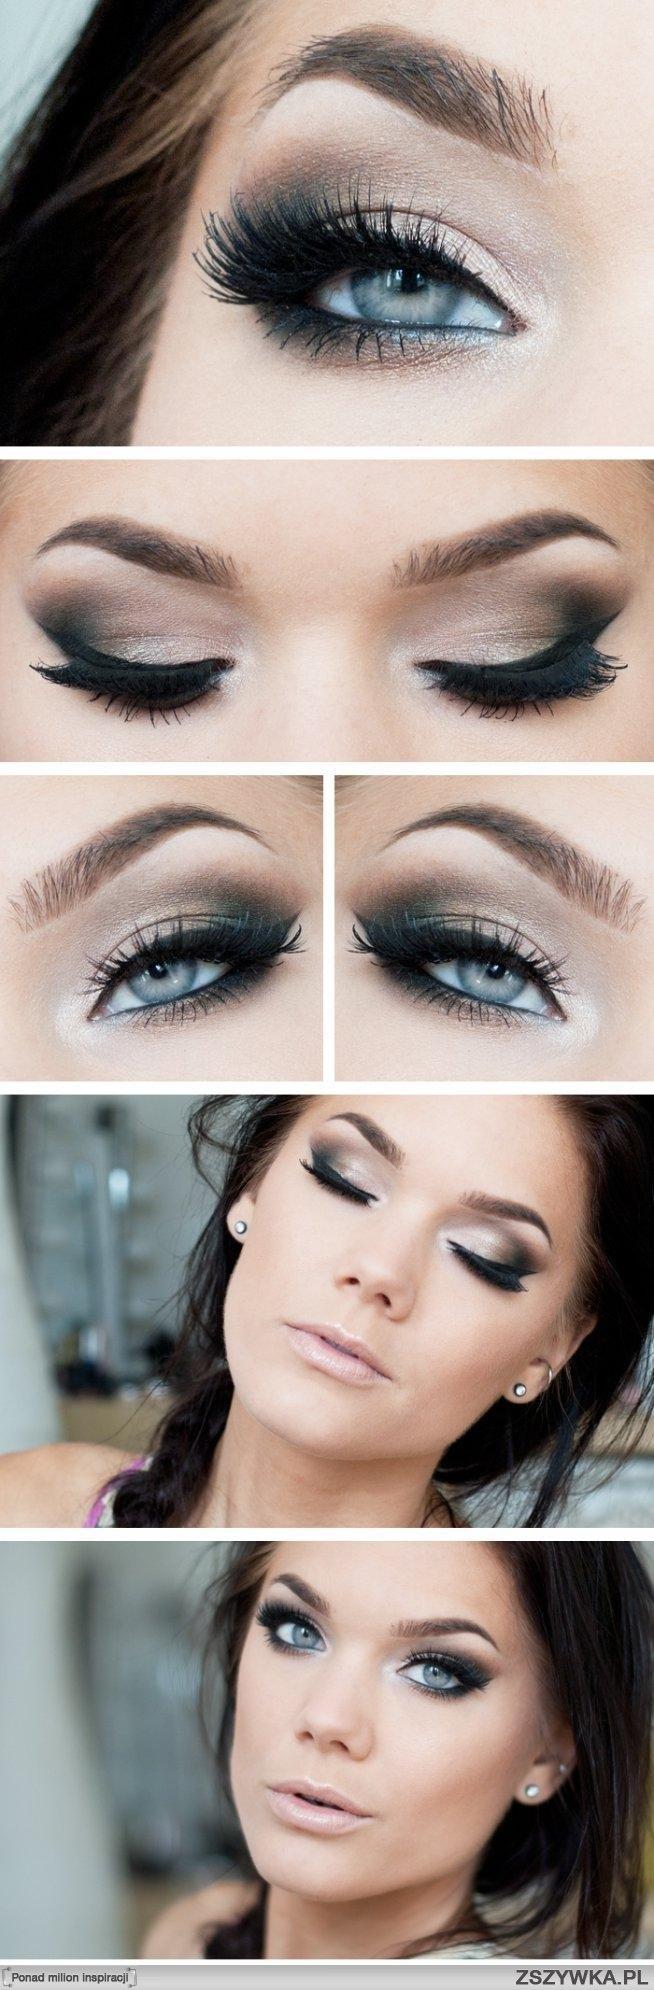 Makijaż Niebieskie Oczy Na Makijaż Zszywkapl